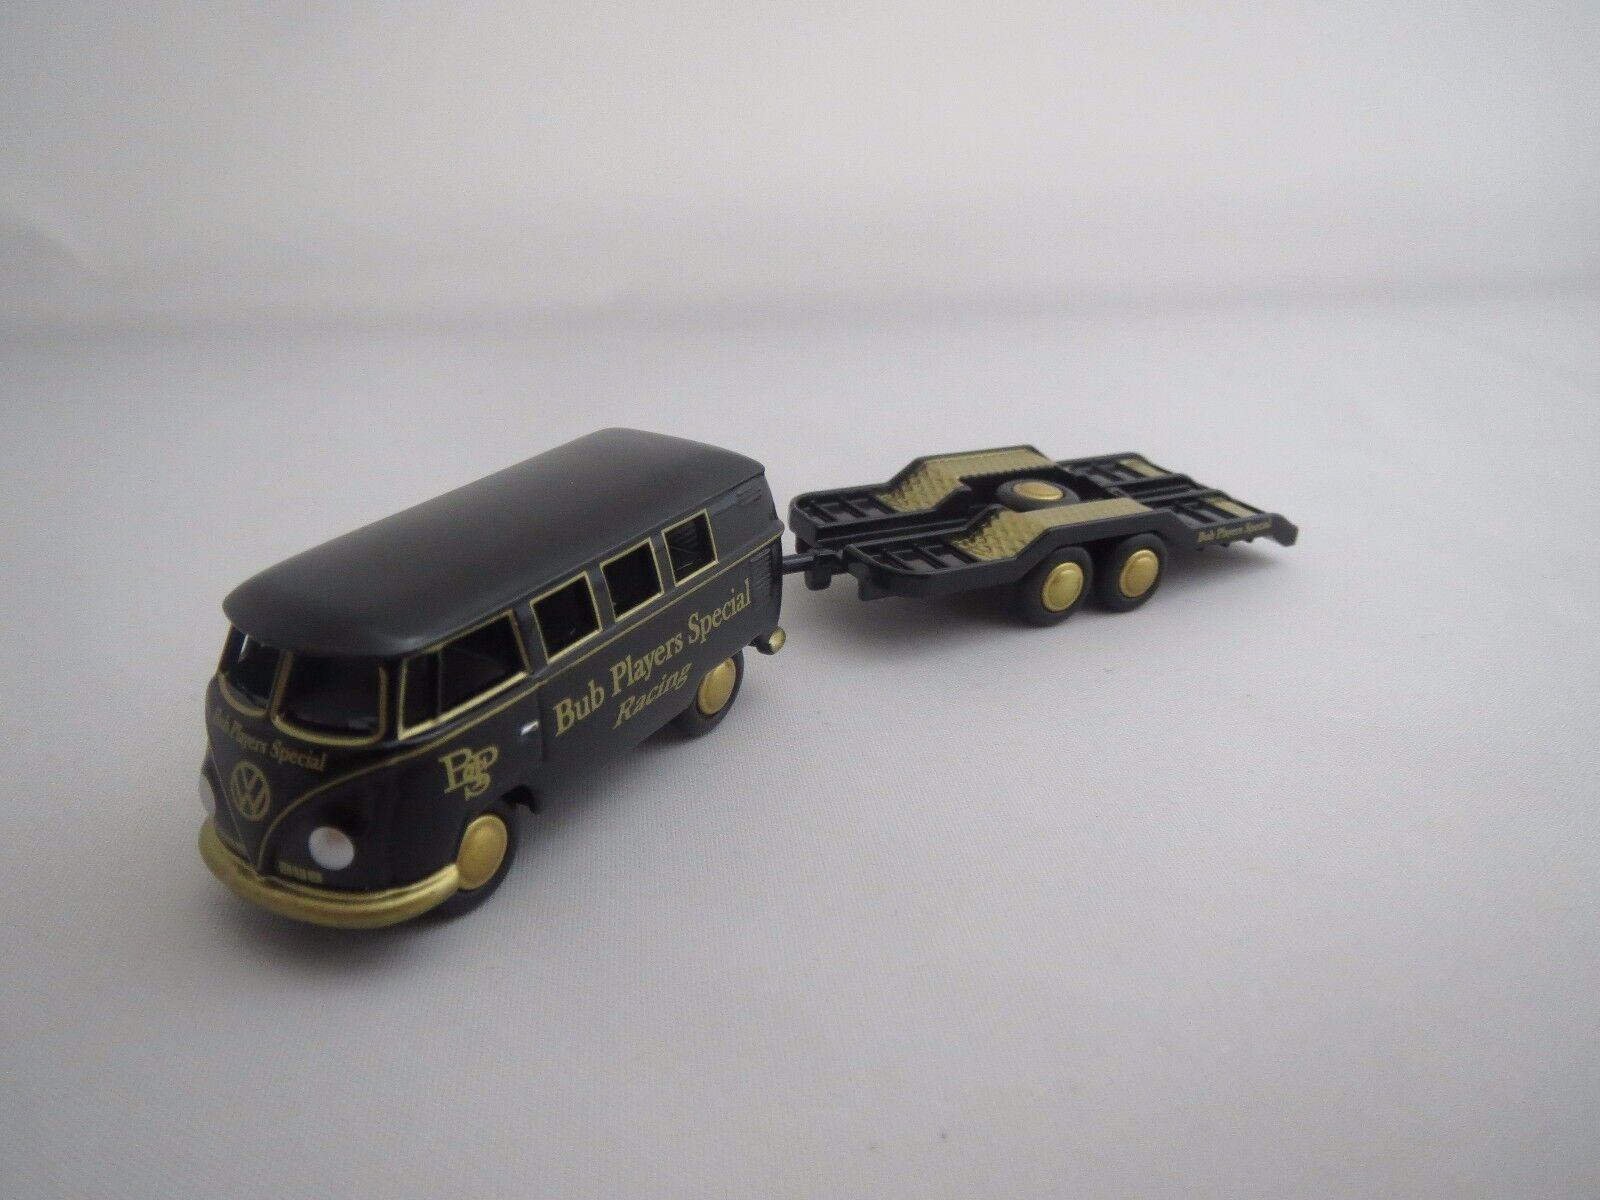 tienda en linea Bub 06555 VW t1 t1 t1 autobús con remolque  Bub-racing 2007  1 87 embalaje original   últimos estilos